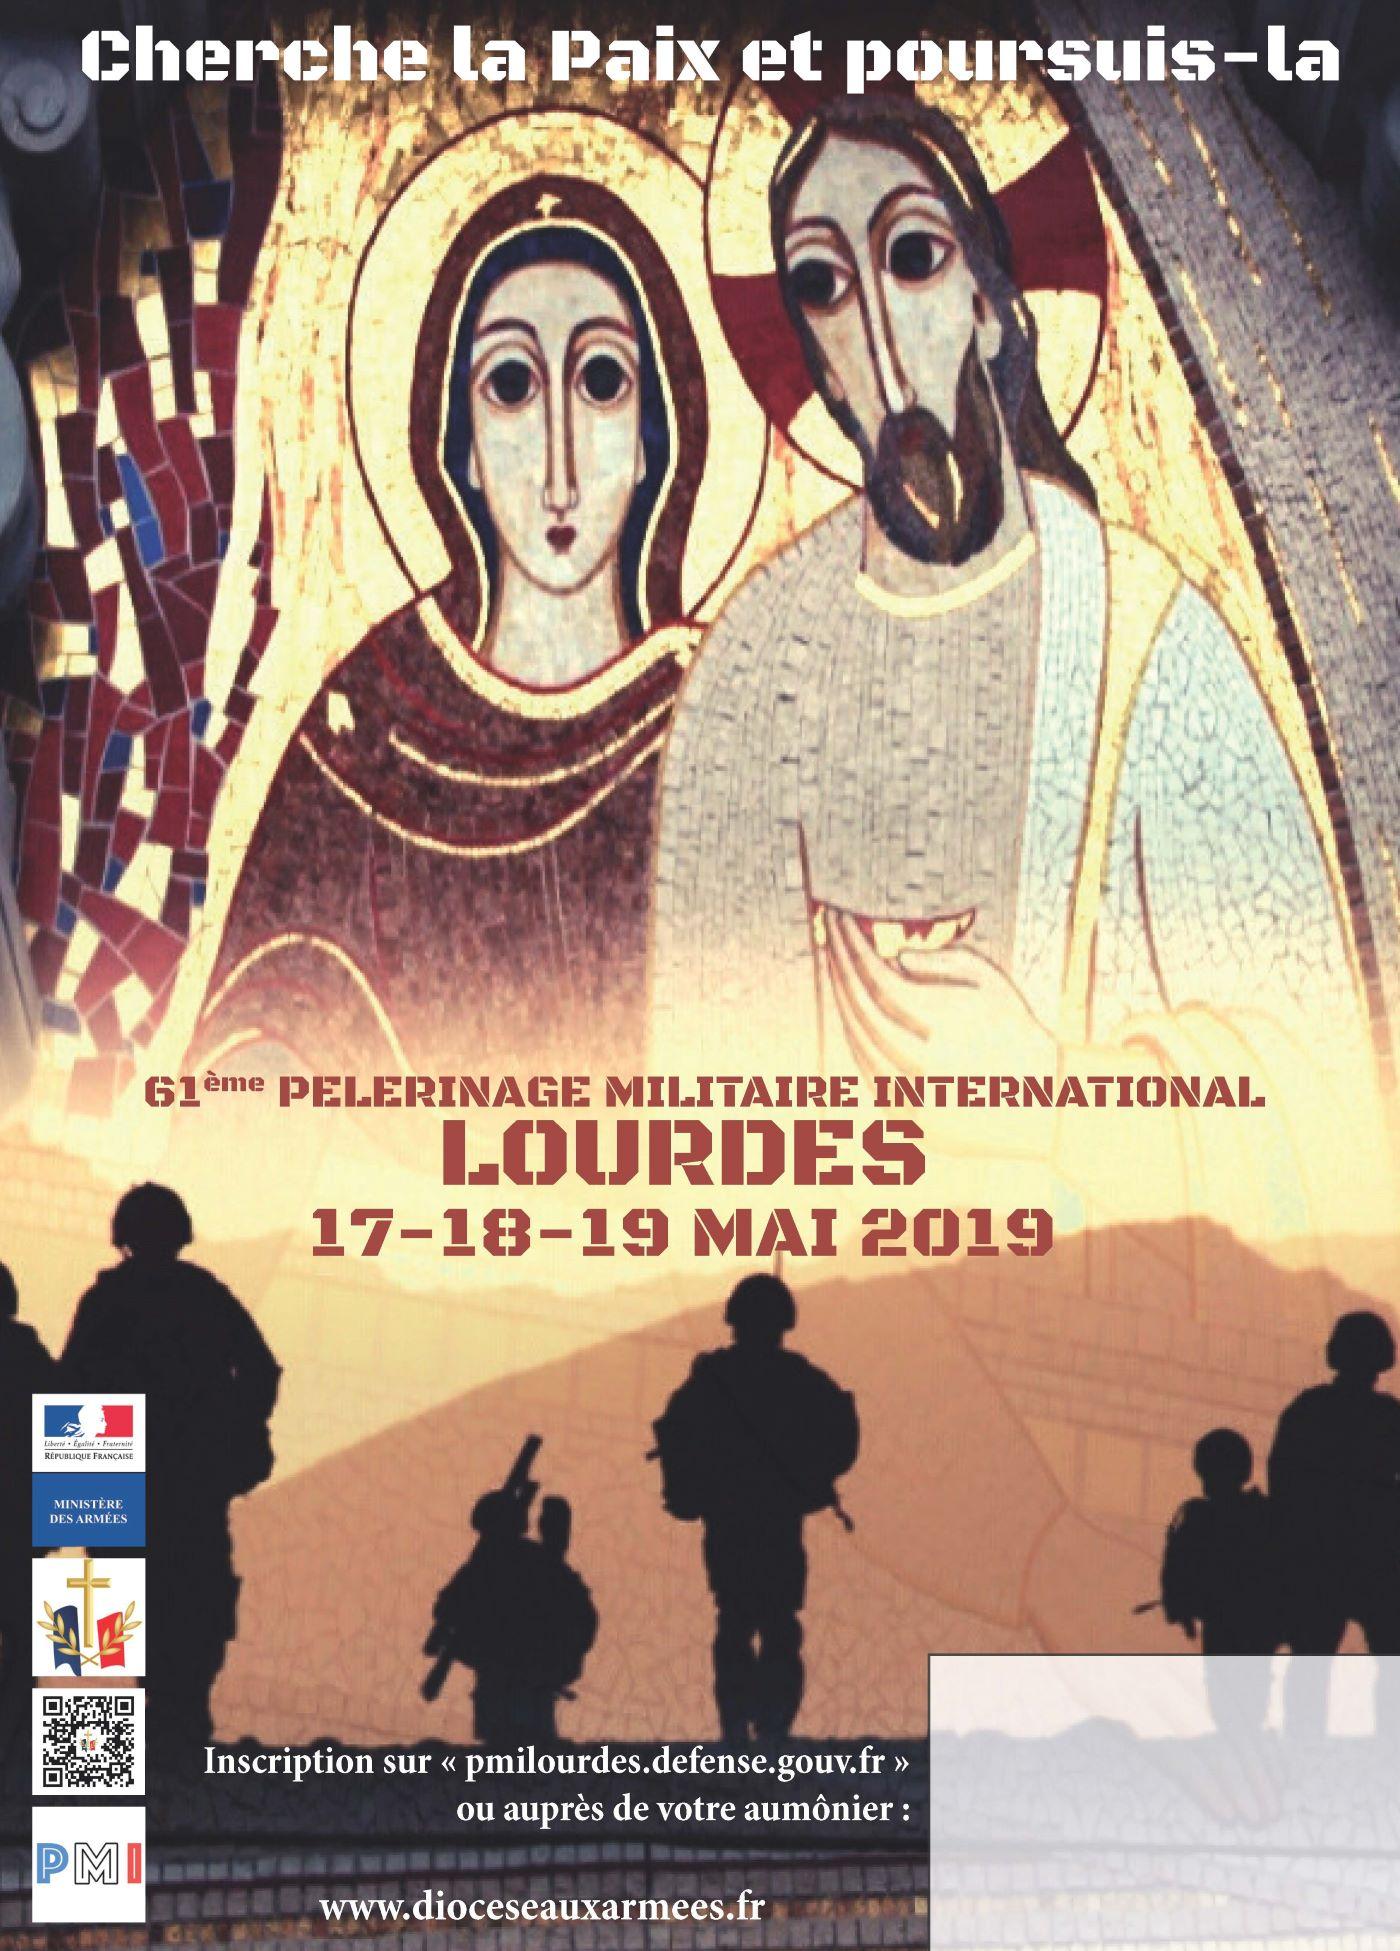 Calendrier Des Pelerinages Lourdes 2019.Du 17 Au 19 Mai 61e Pelerinage Militaire International